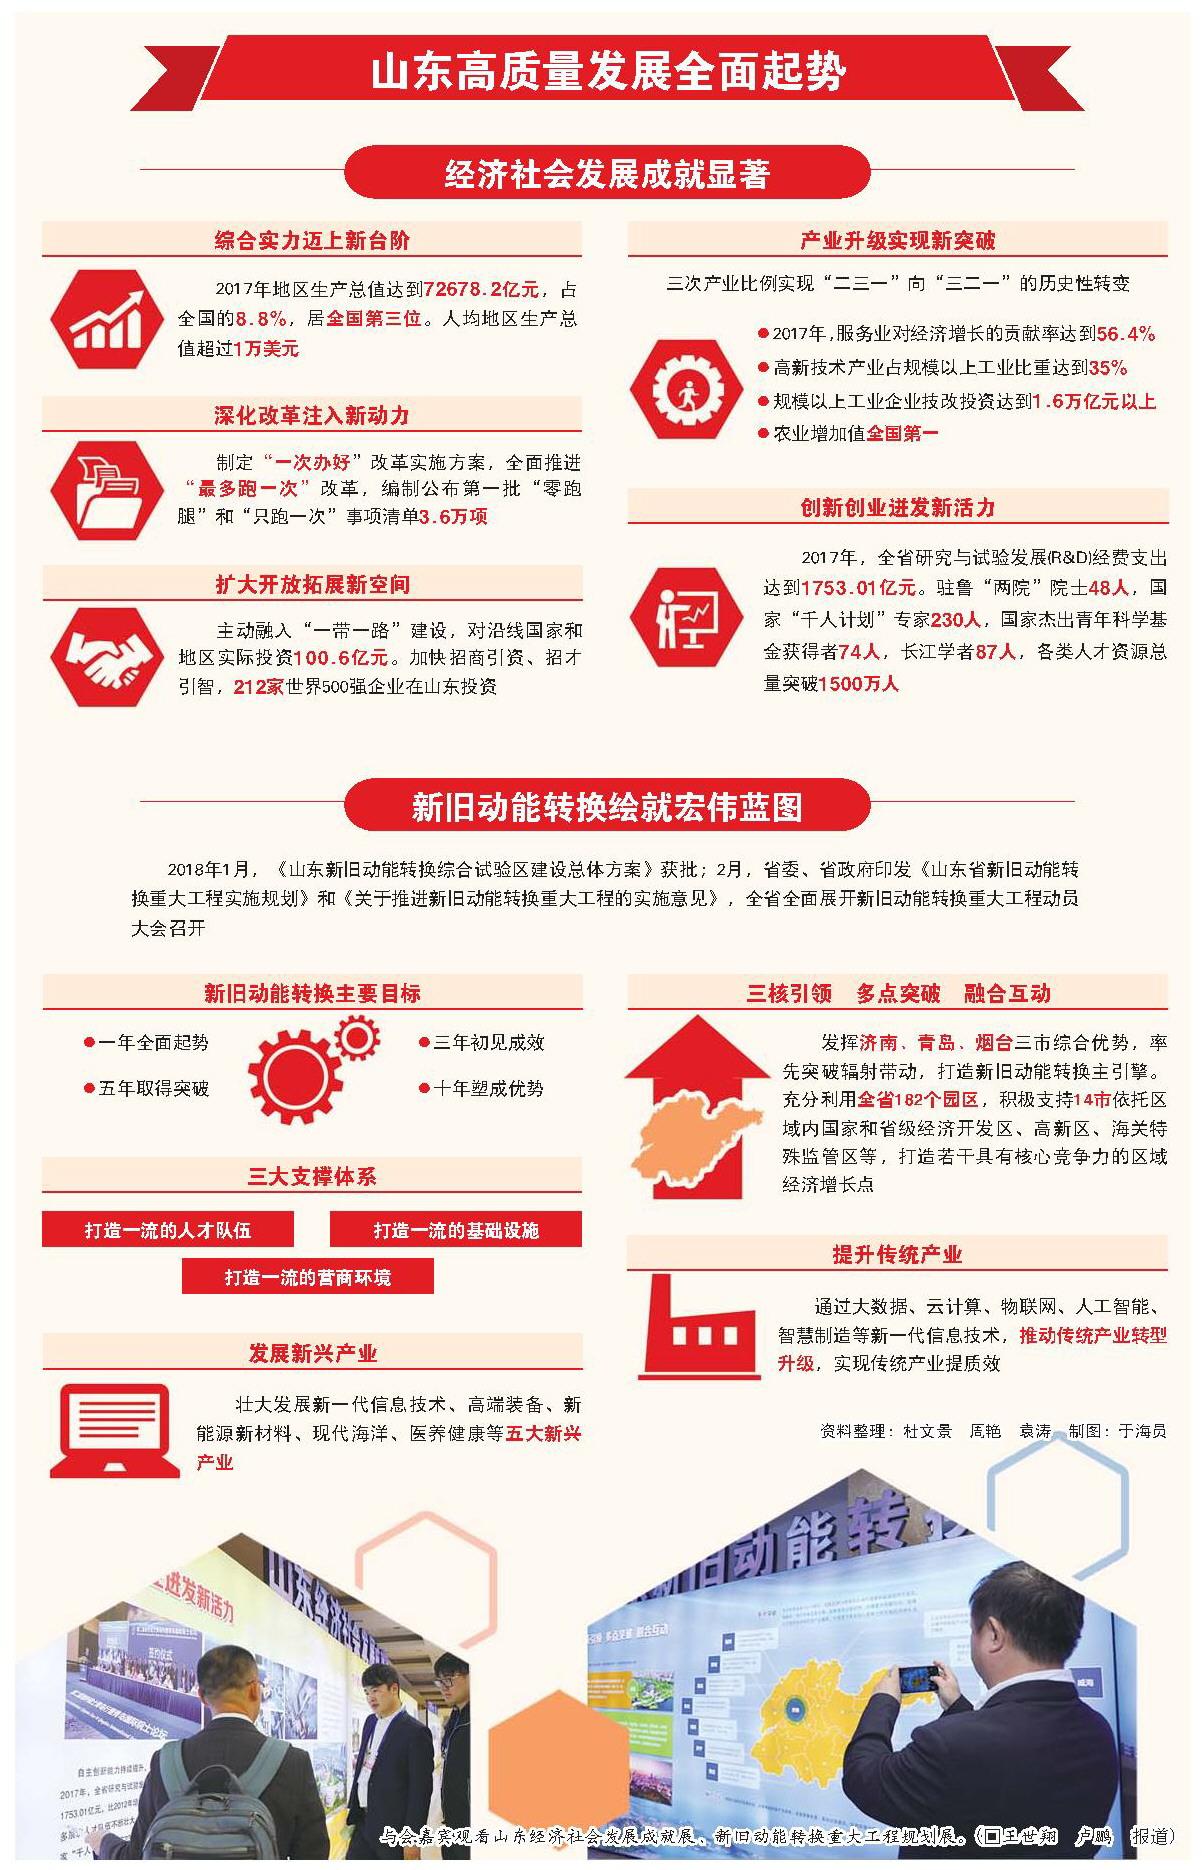 世界一次能源消费结构